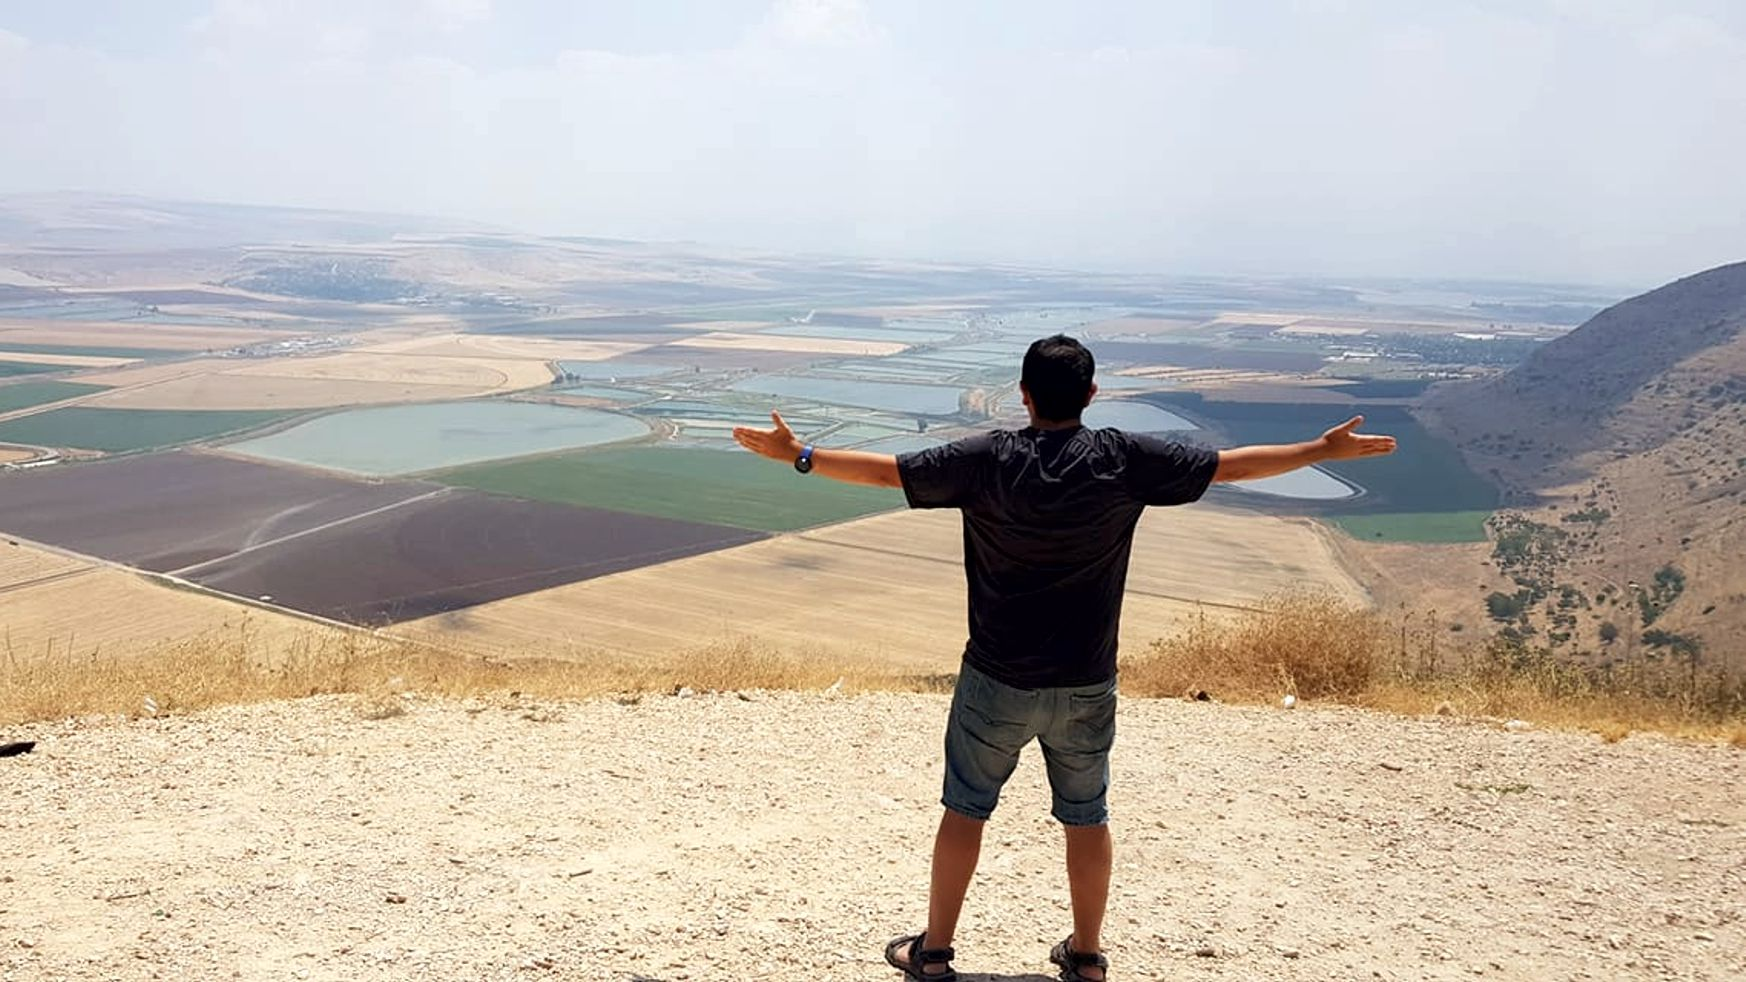 Justin Amler in Israel